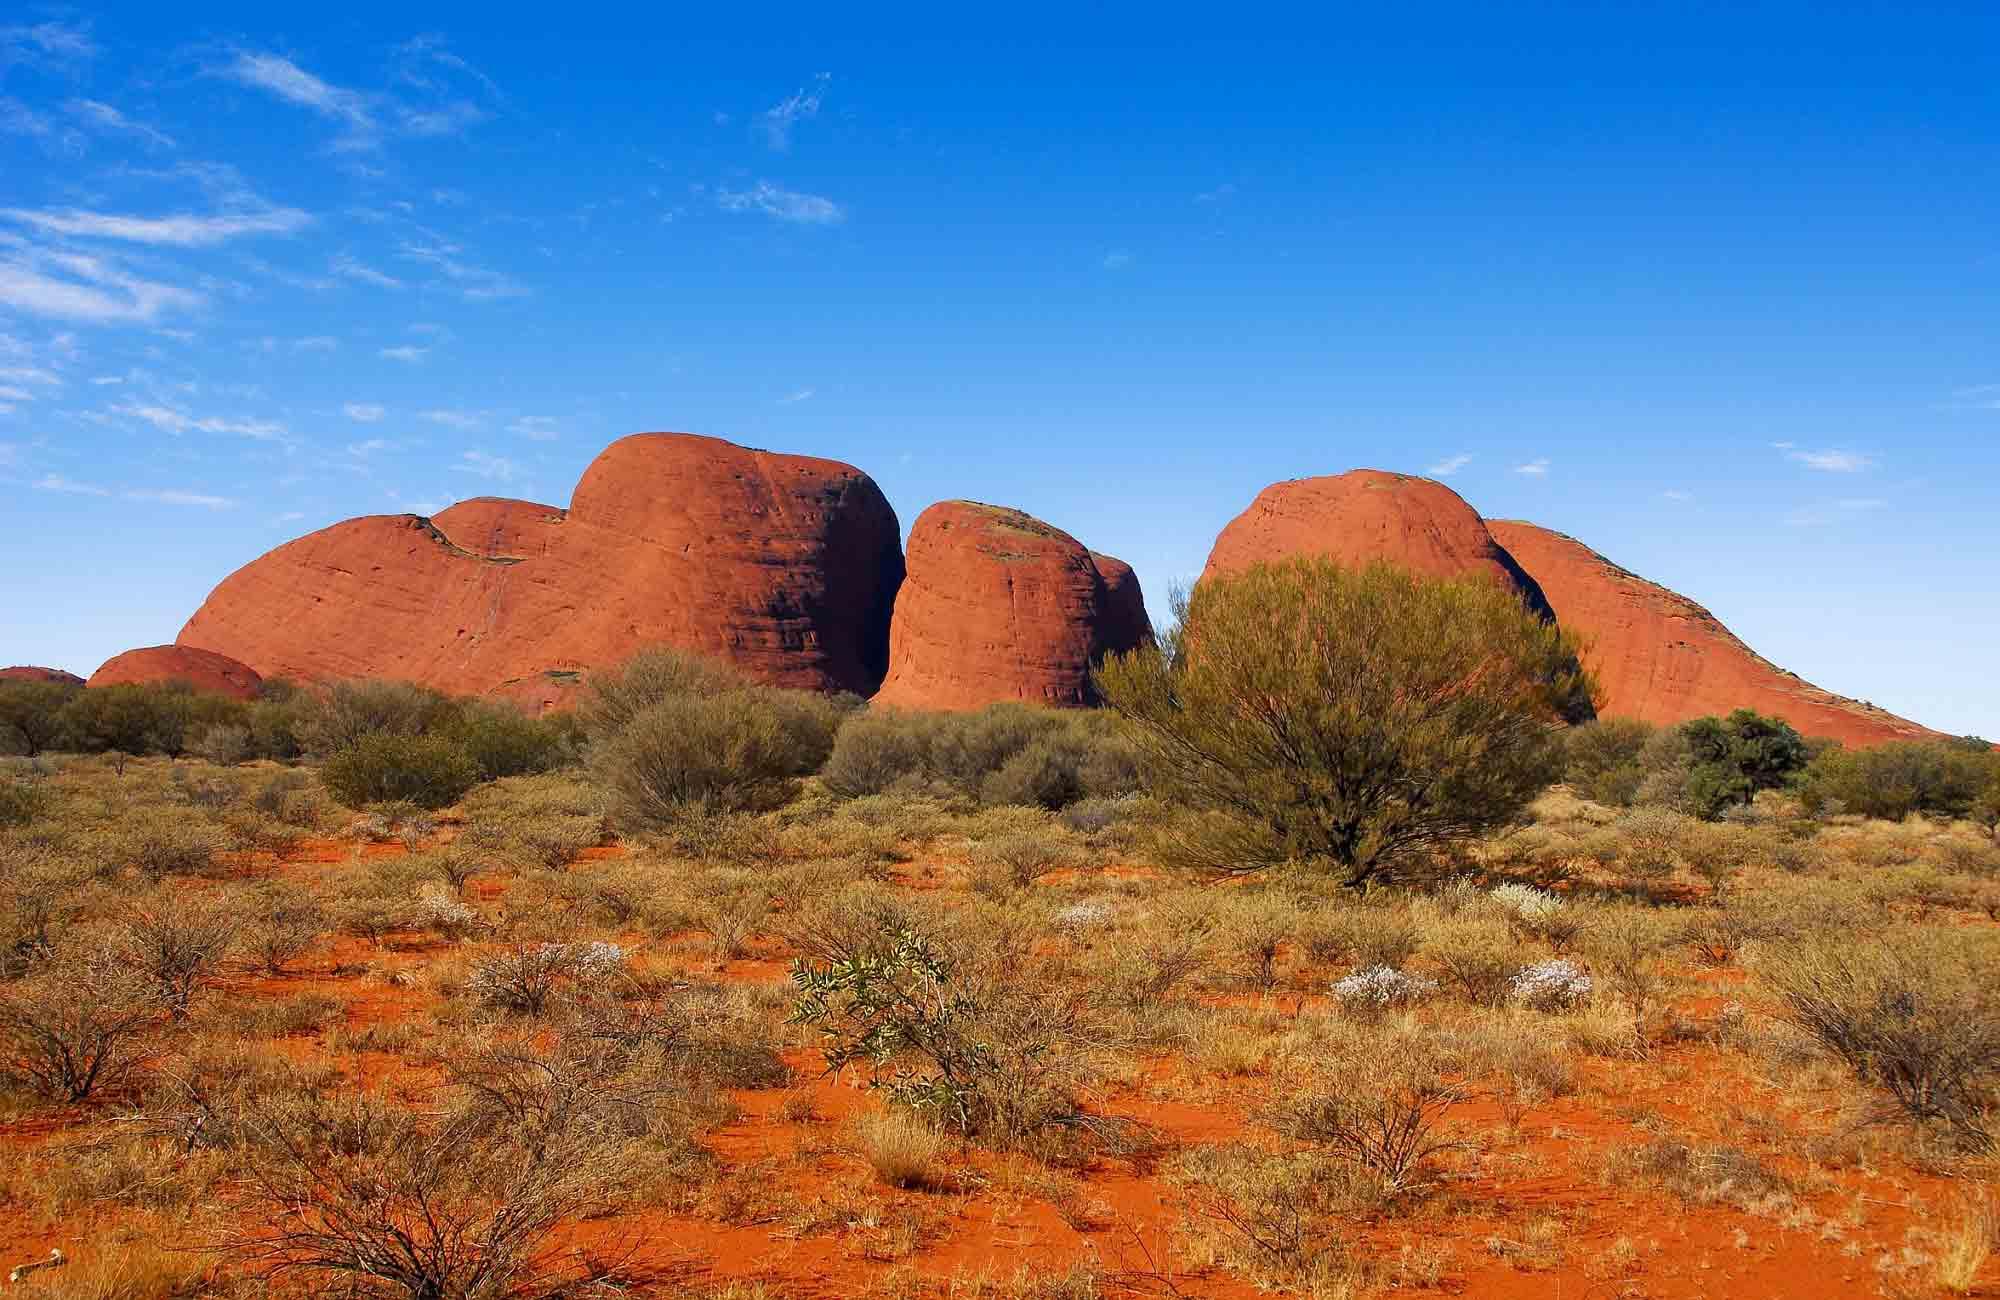 Voyage Australie - Kata Tjuta - Amplitudes